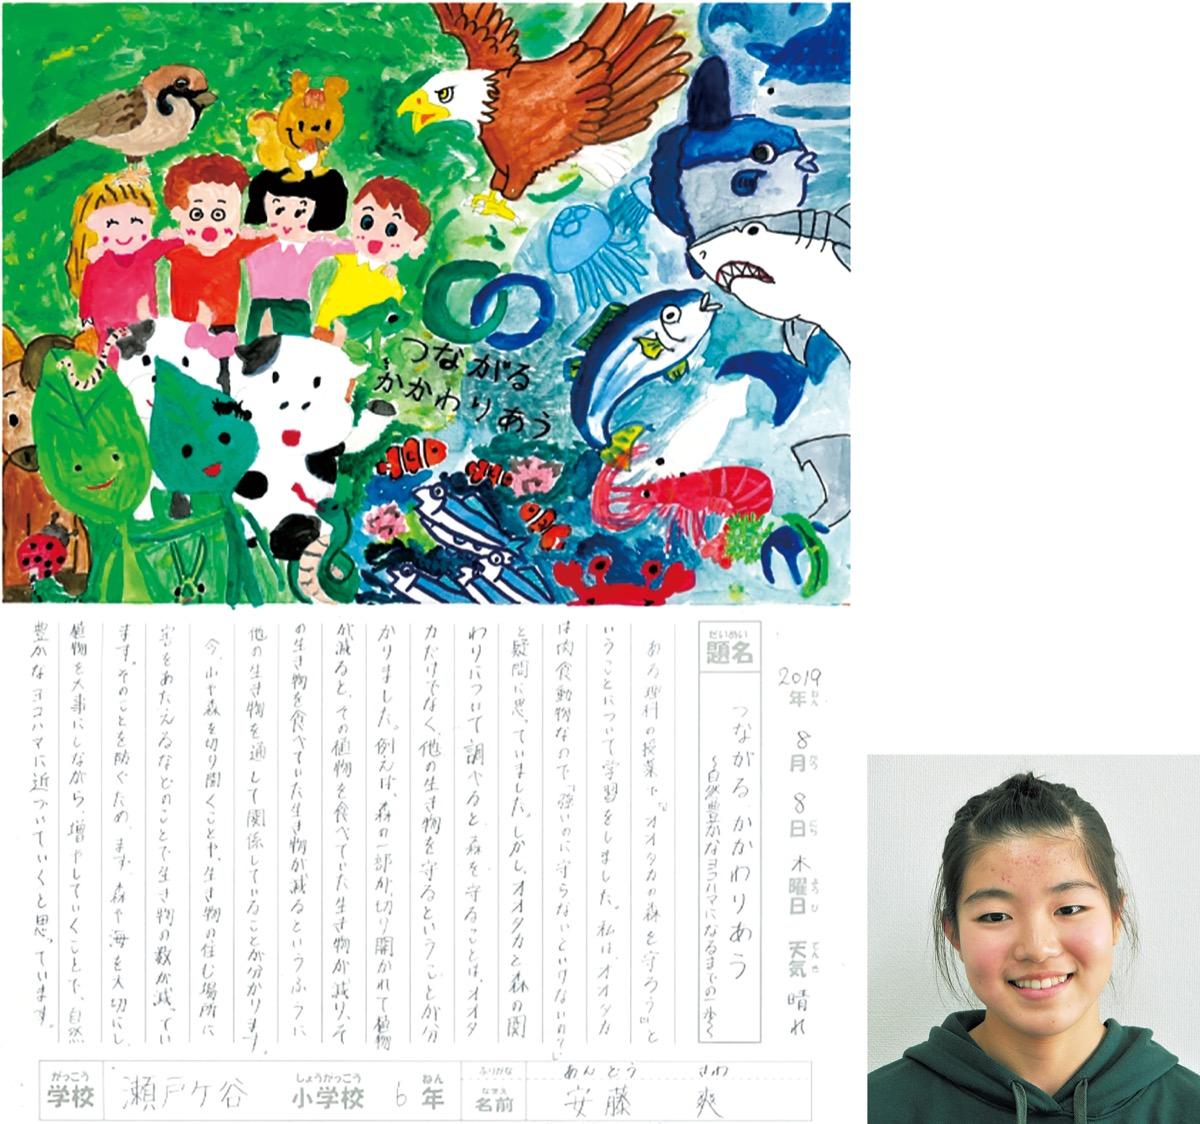 色彩豊かに描かれた作品と受賞に笑顔の安藤さん